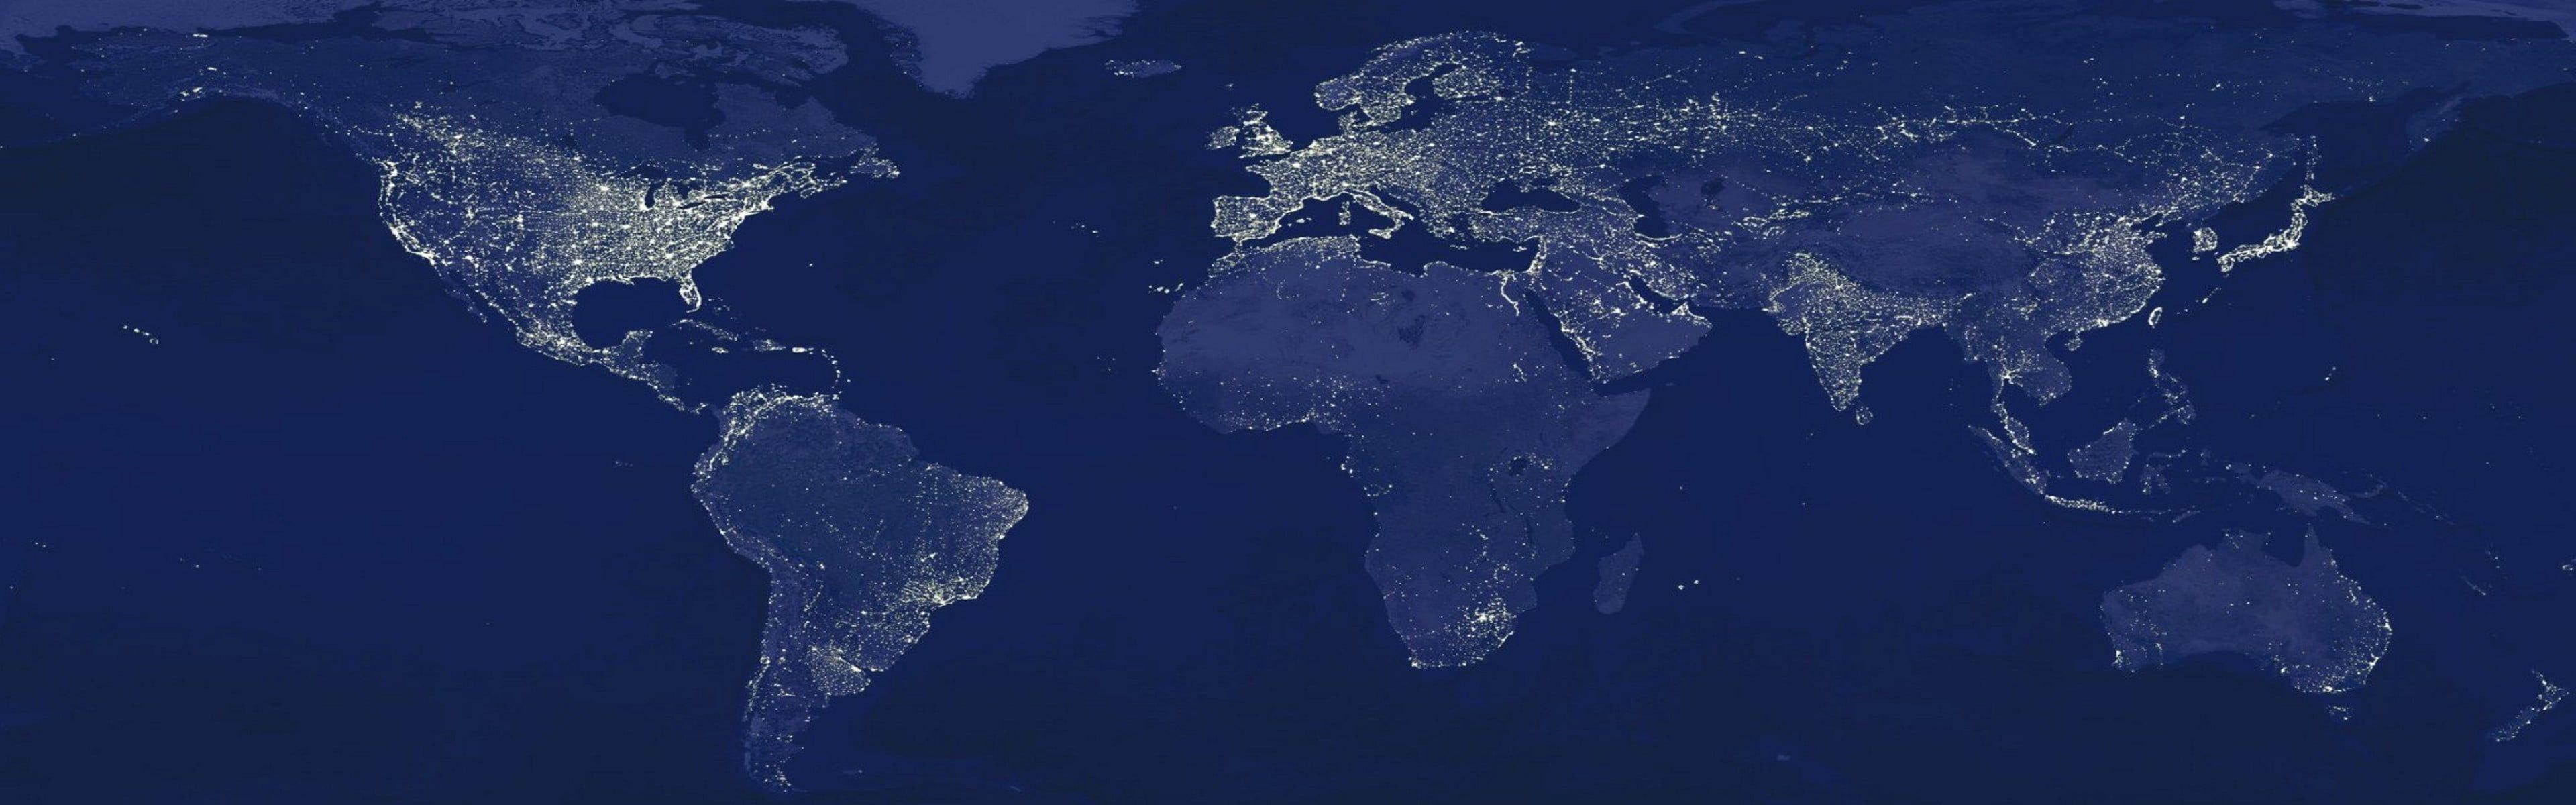 3840x1200 Bản đồ thế giới, hình nền HD nghệ thuật số